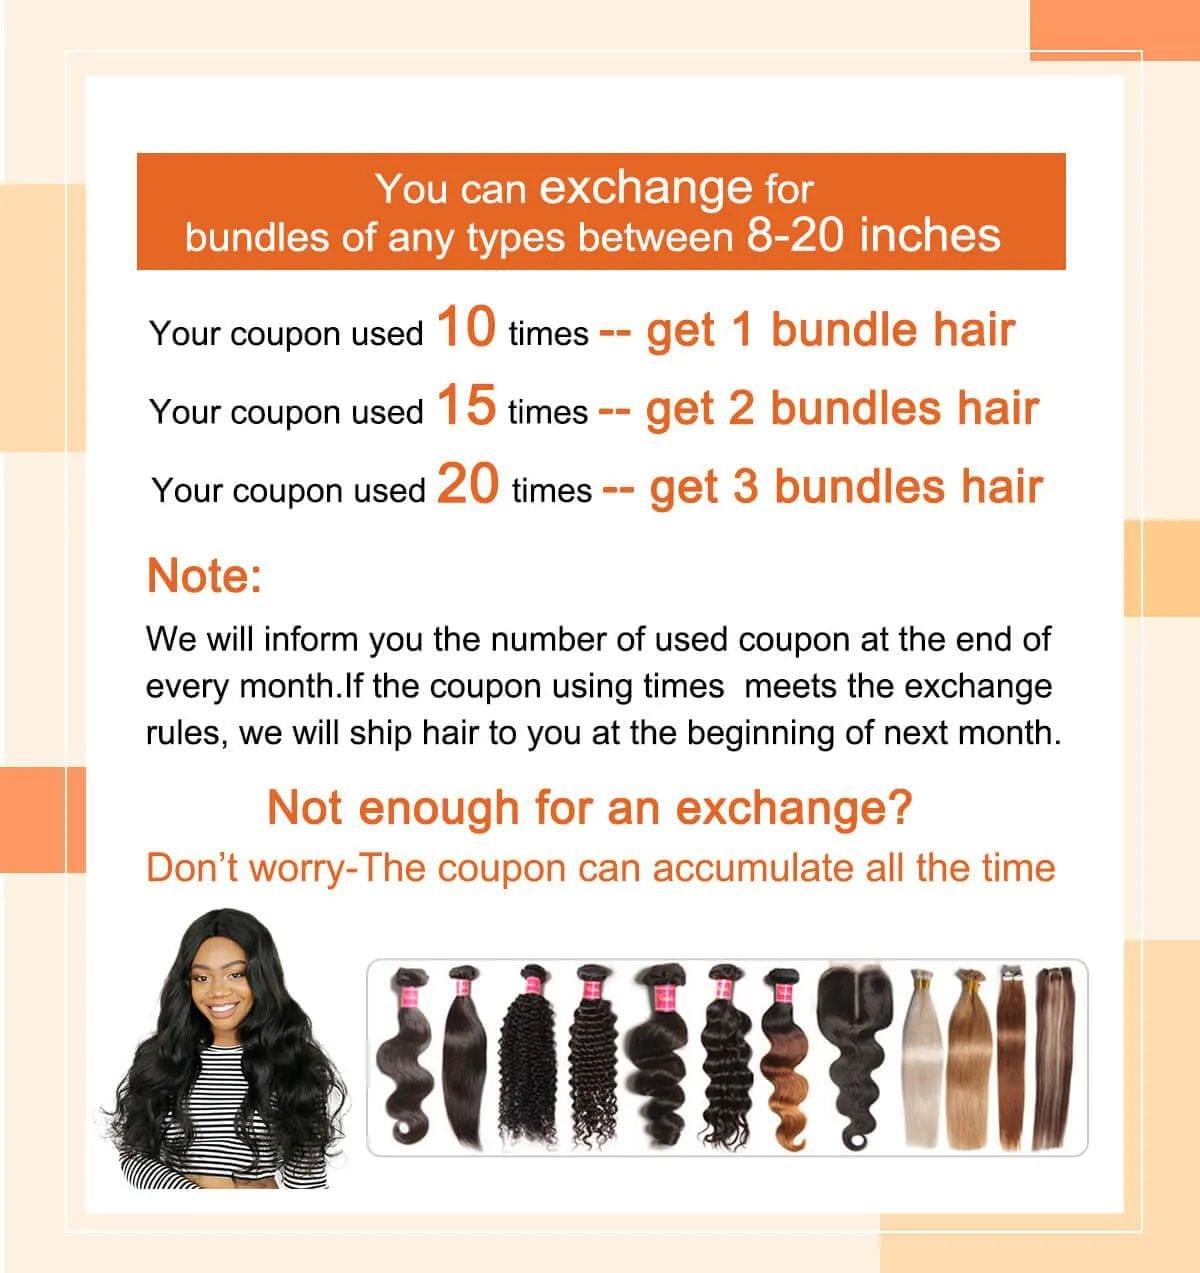 ways to get free hair bundles